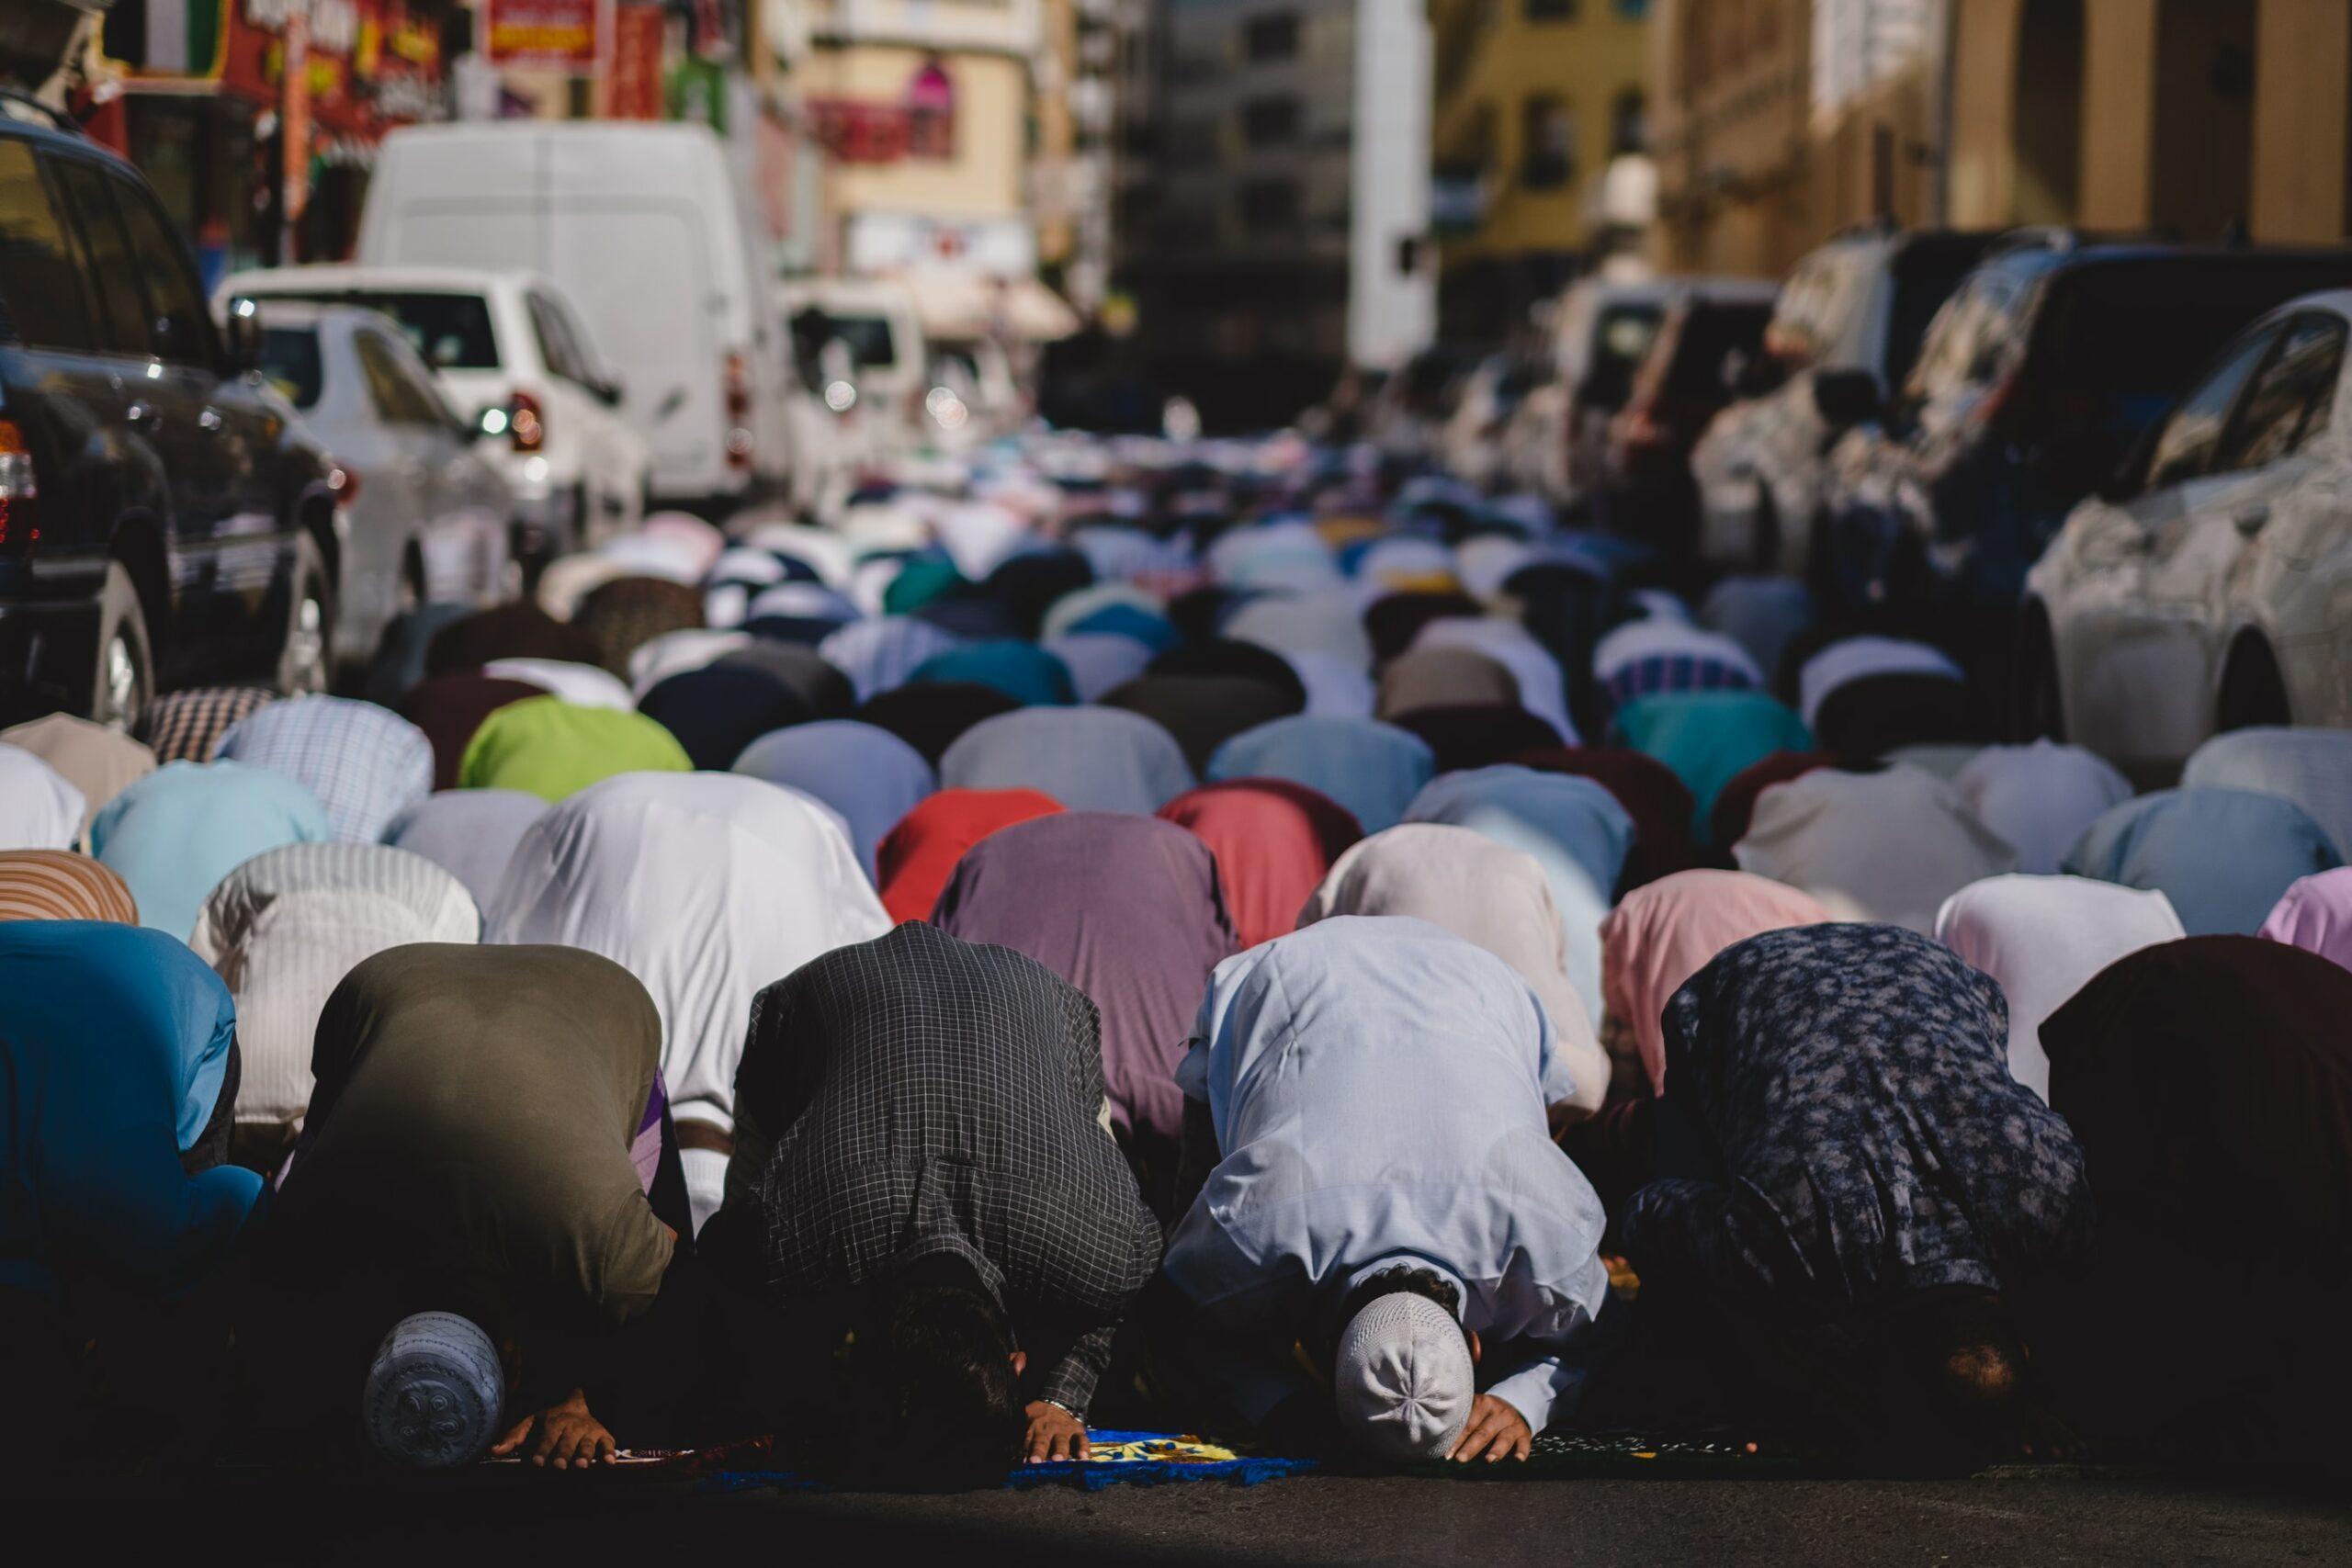 Wordt het nog wat met het islamdebat?